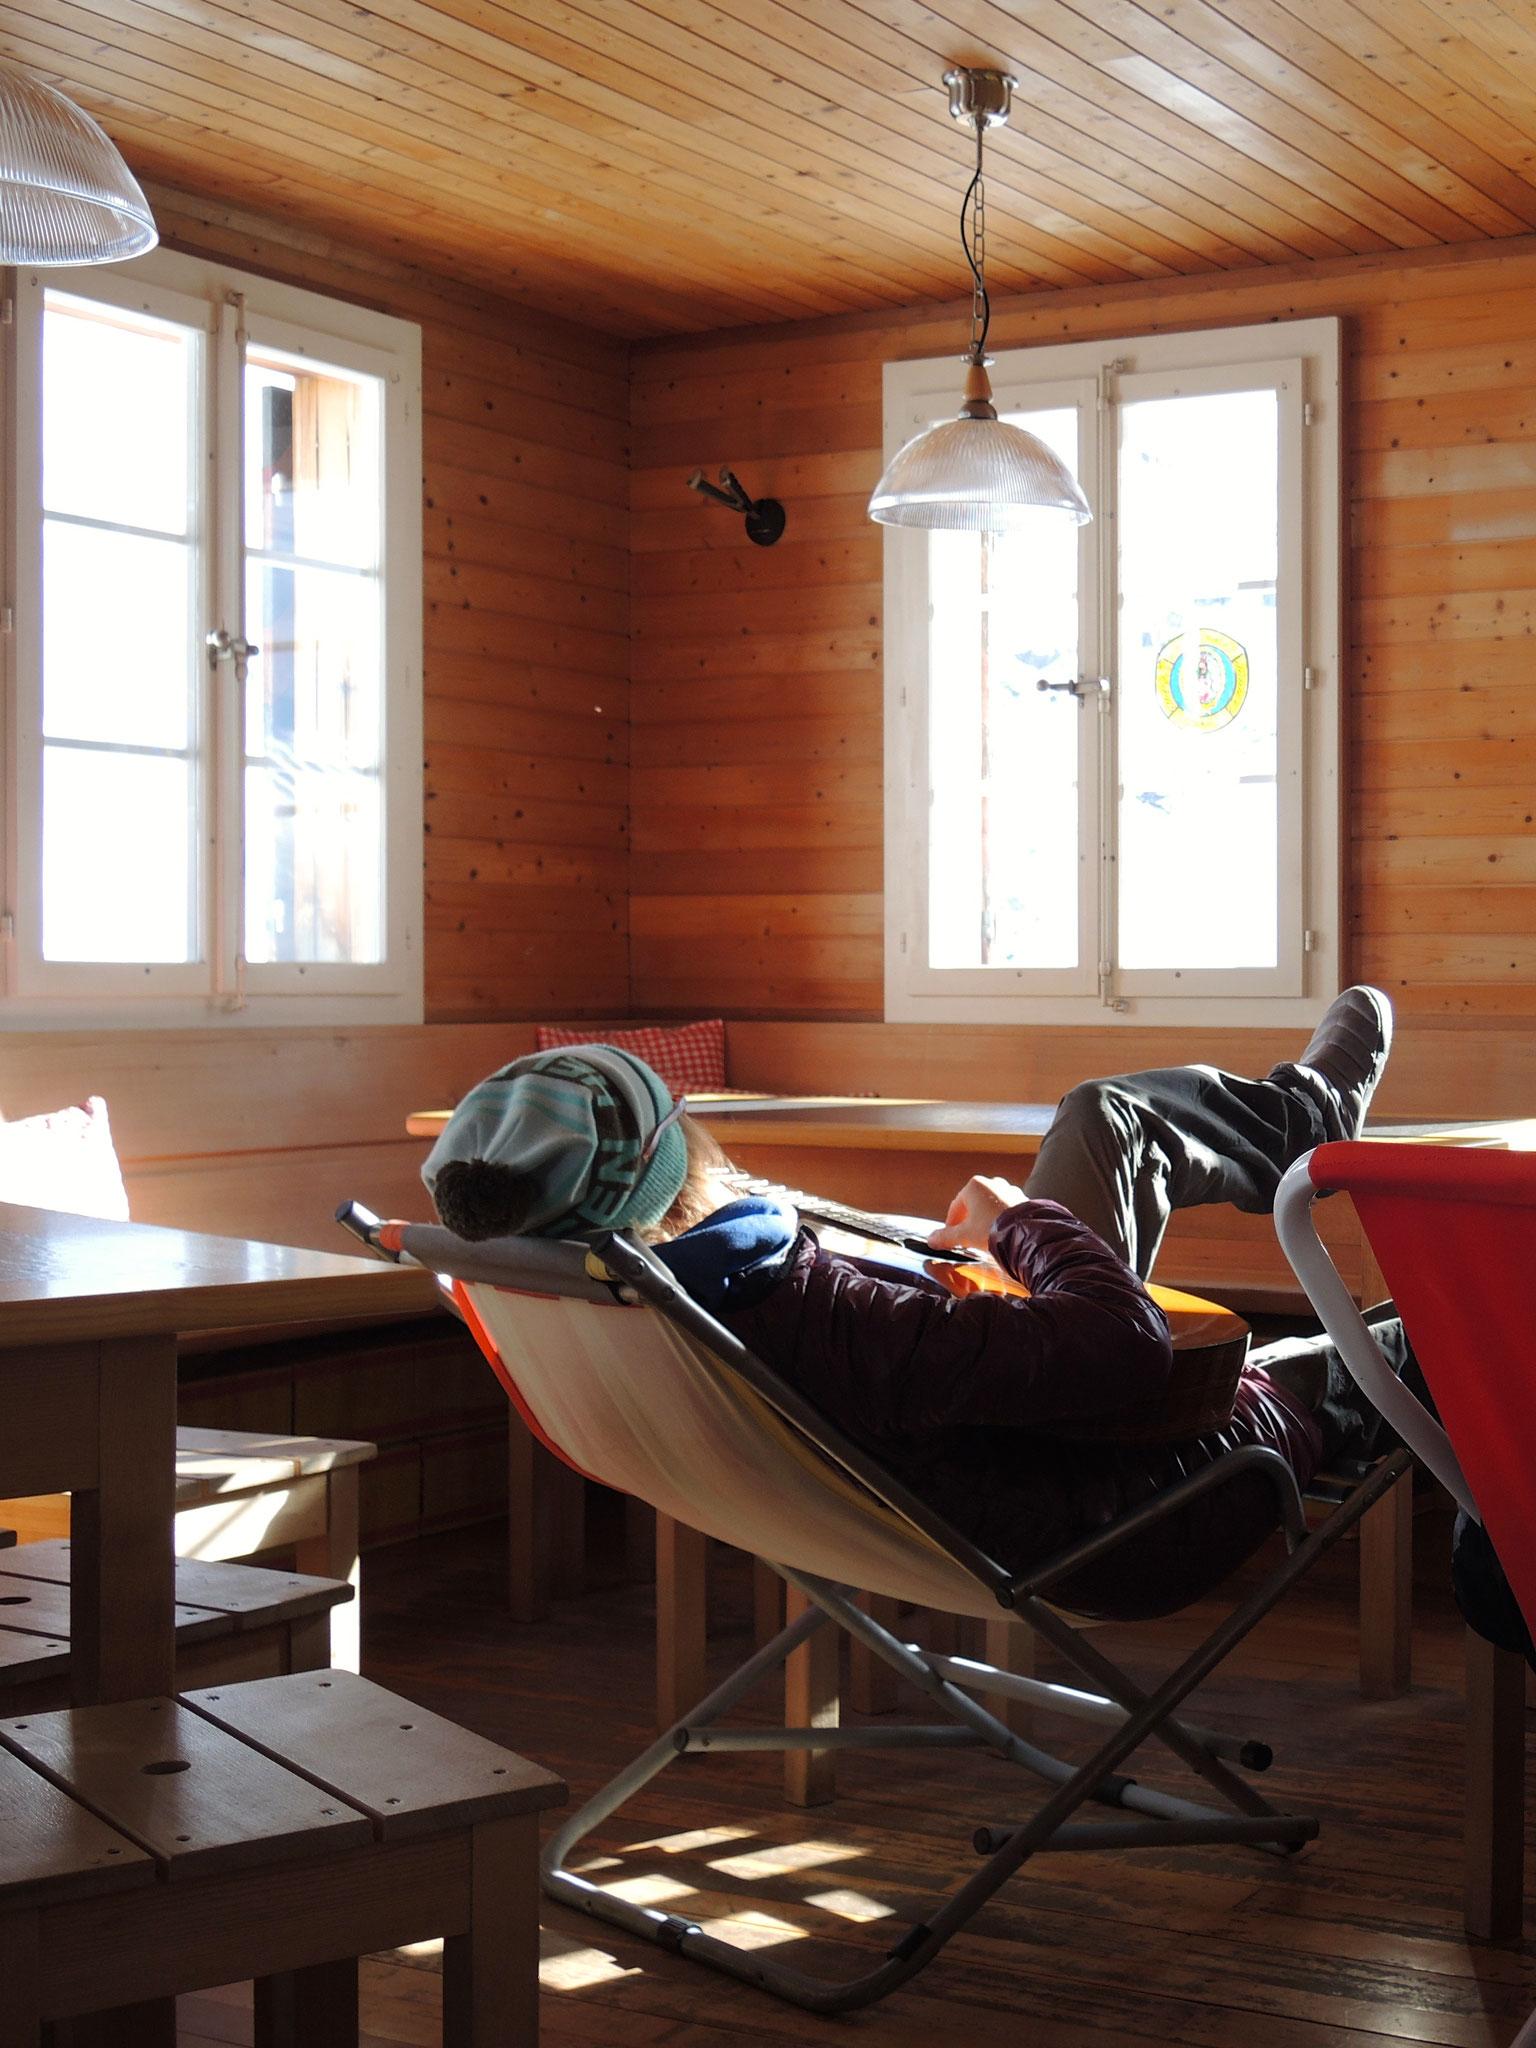 ...14: Letzter Sonnenstrahl geniessen, wegen Sturm, in der Hütte, ohne Gäste